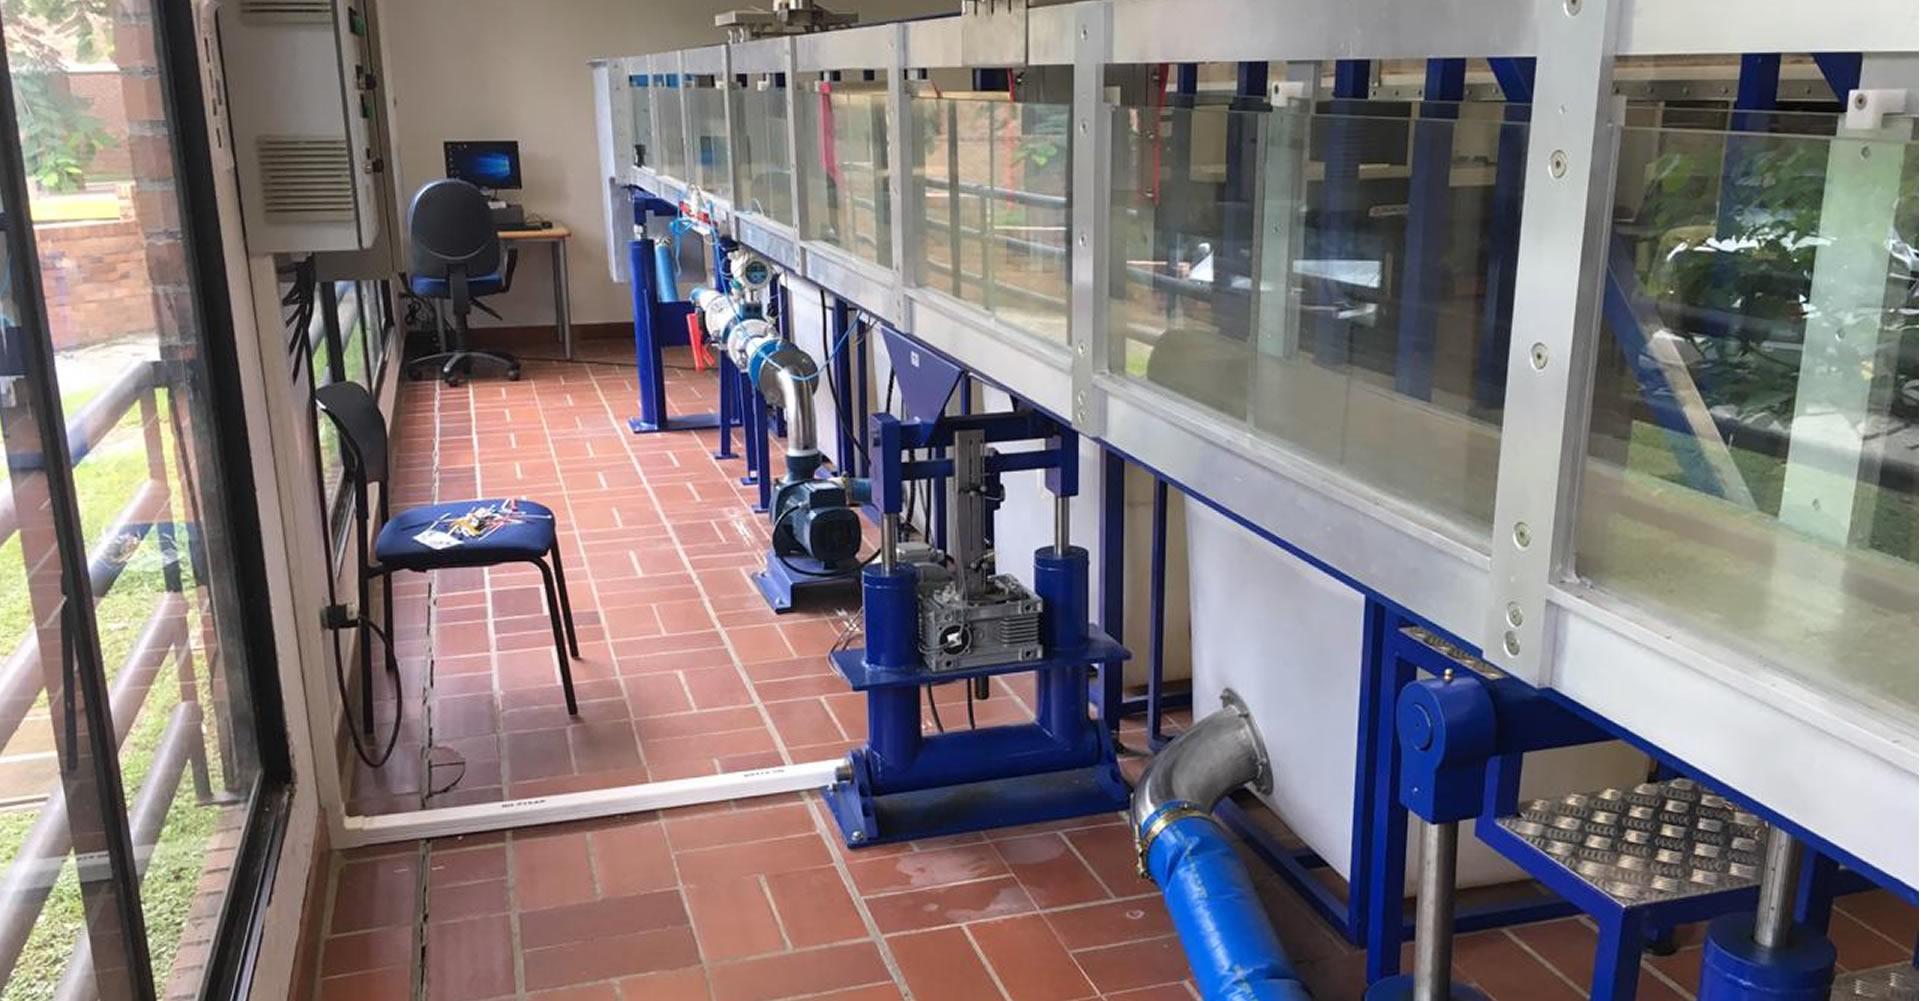 Bancos de hidráulica para la Universidad JaverianaBanco de flujo libre y flujo a presión para el laboratorio de hidráulica de la Universidad Javeriana. Diseñados para observar los fenomenos fisicos e hidráulicos en experimentos didácticos.